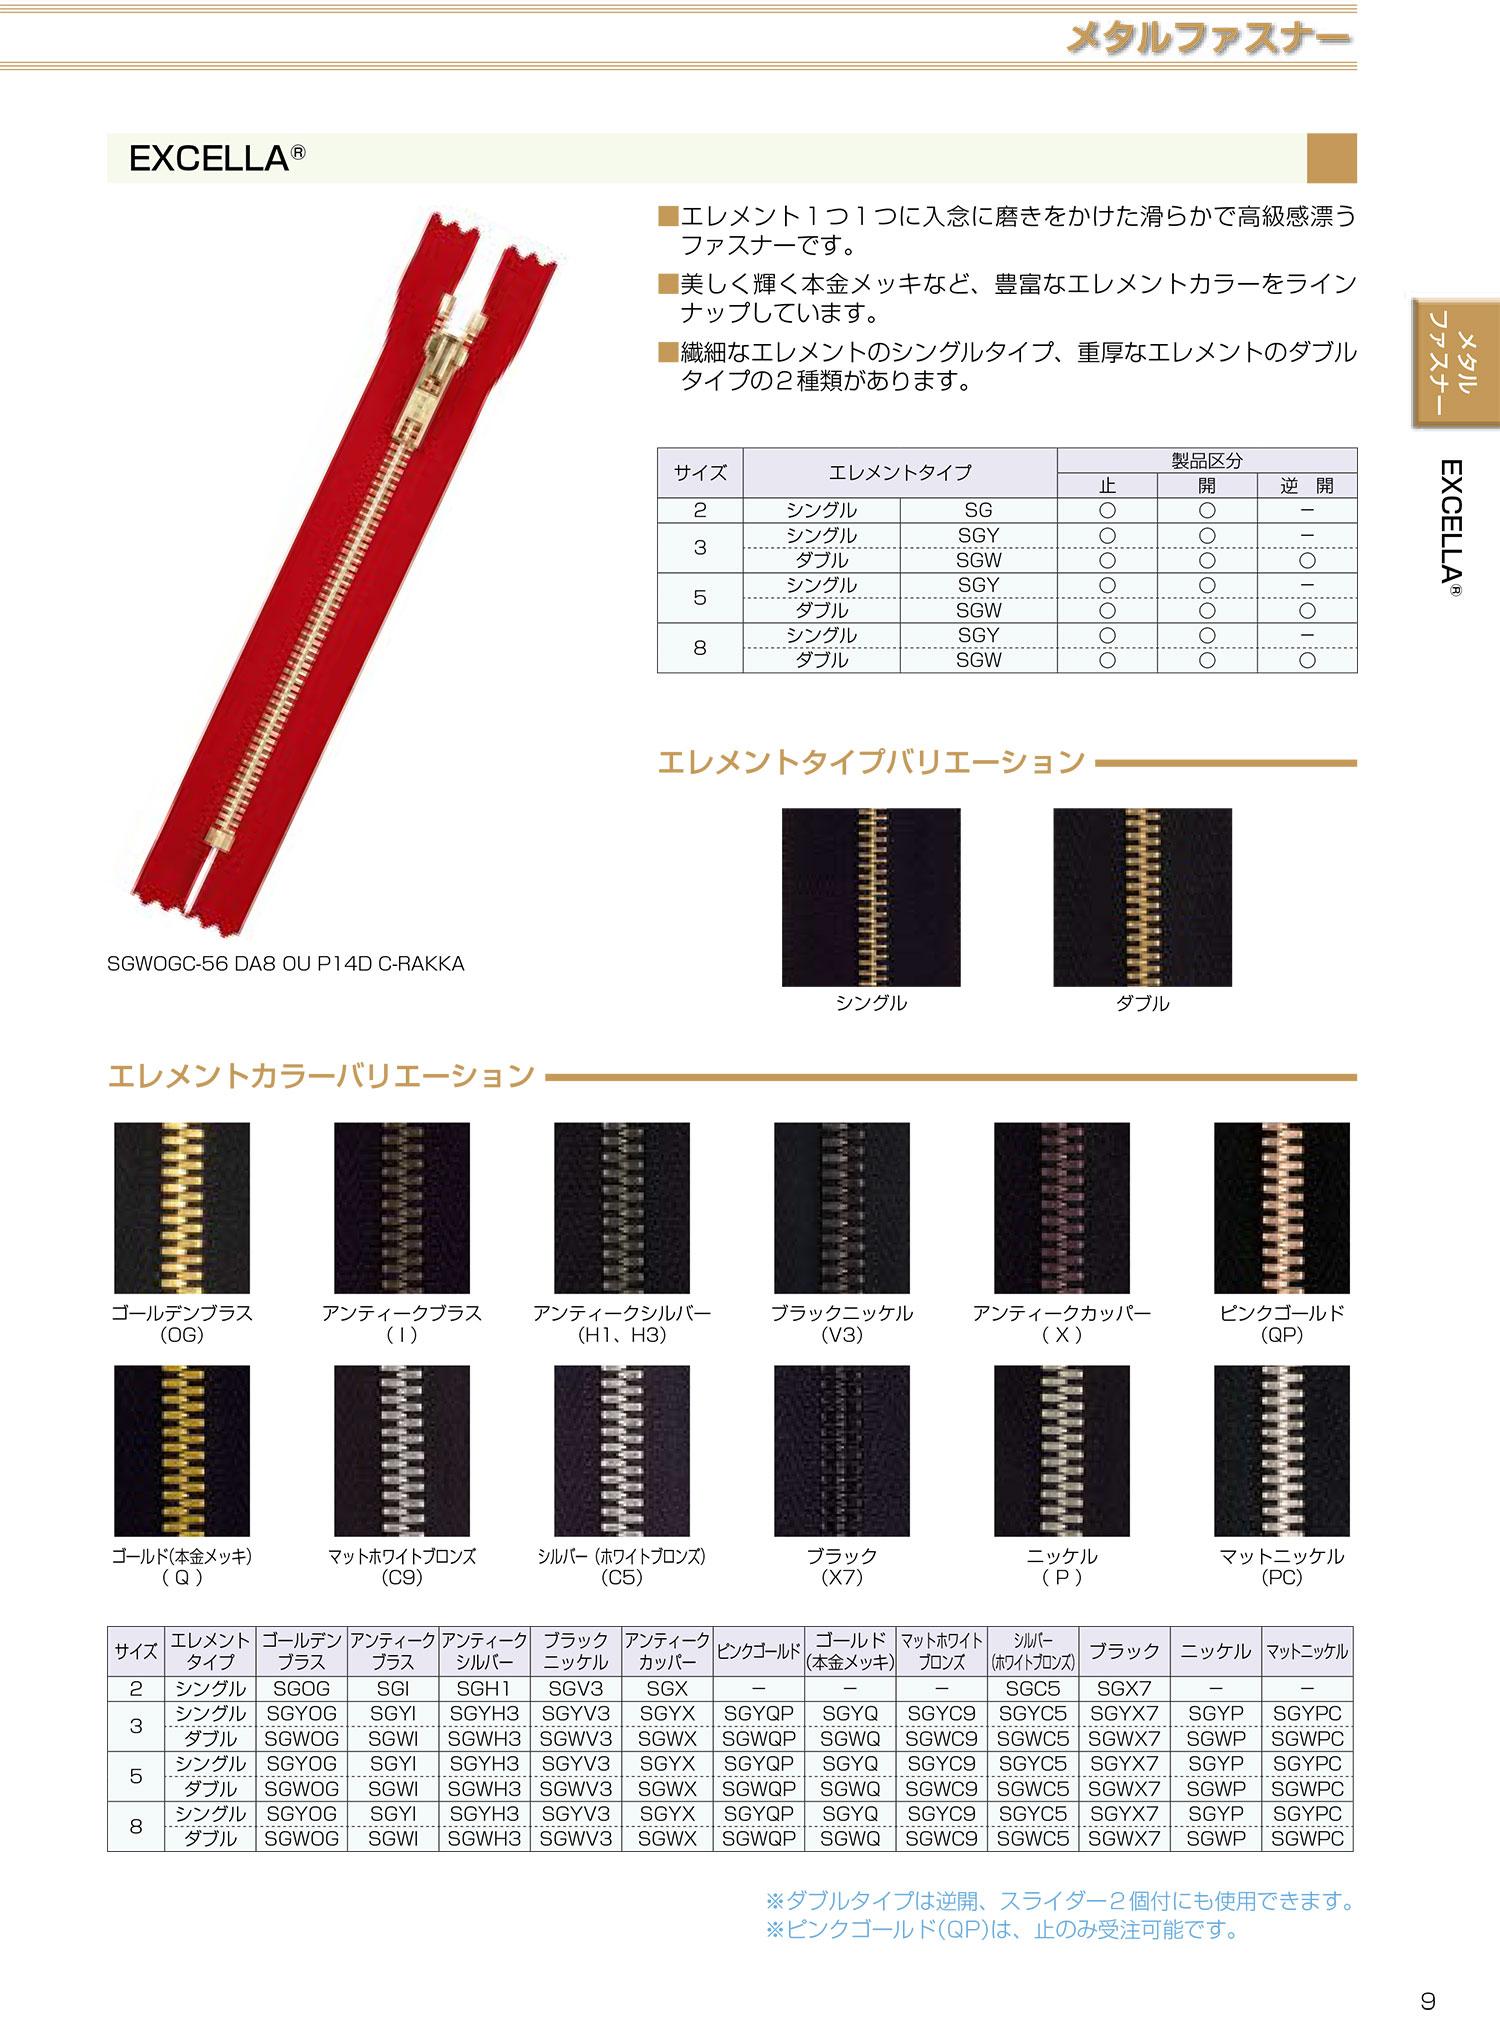 5SGWV3OR エクセラ 5サイズ ブラックニッケル オープン ダブル[ファスナー] YKK/オークラ商事 - ApparelX アパレル資材卸通販